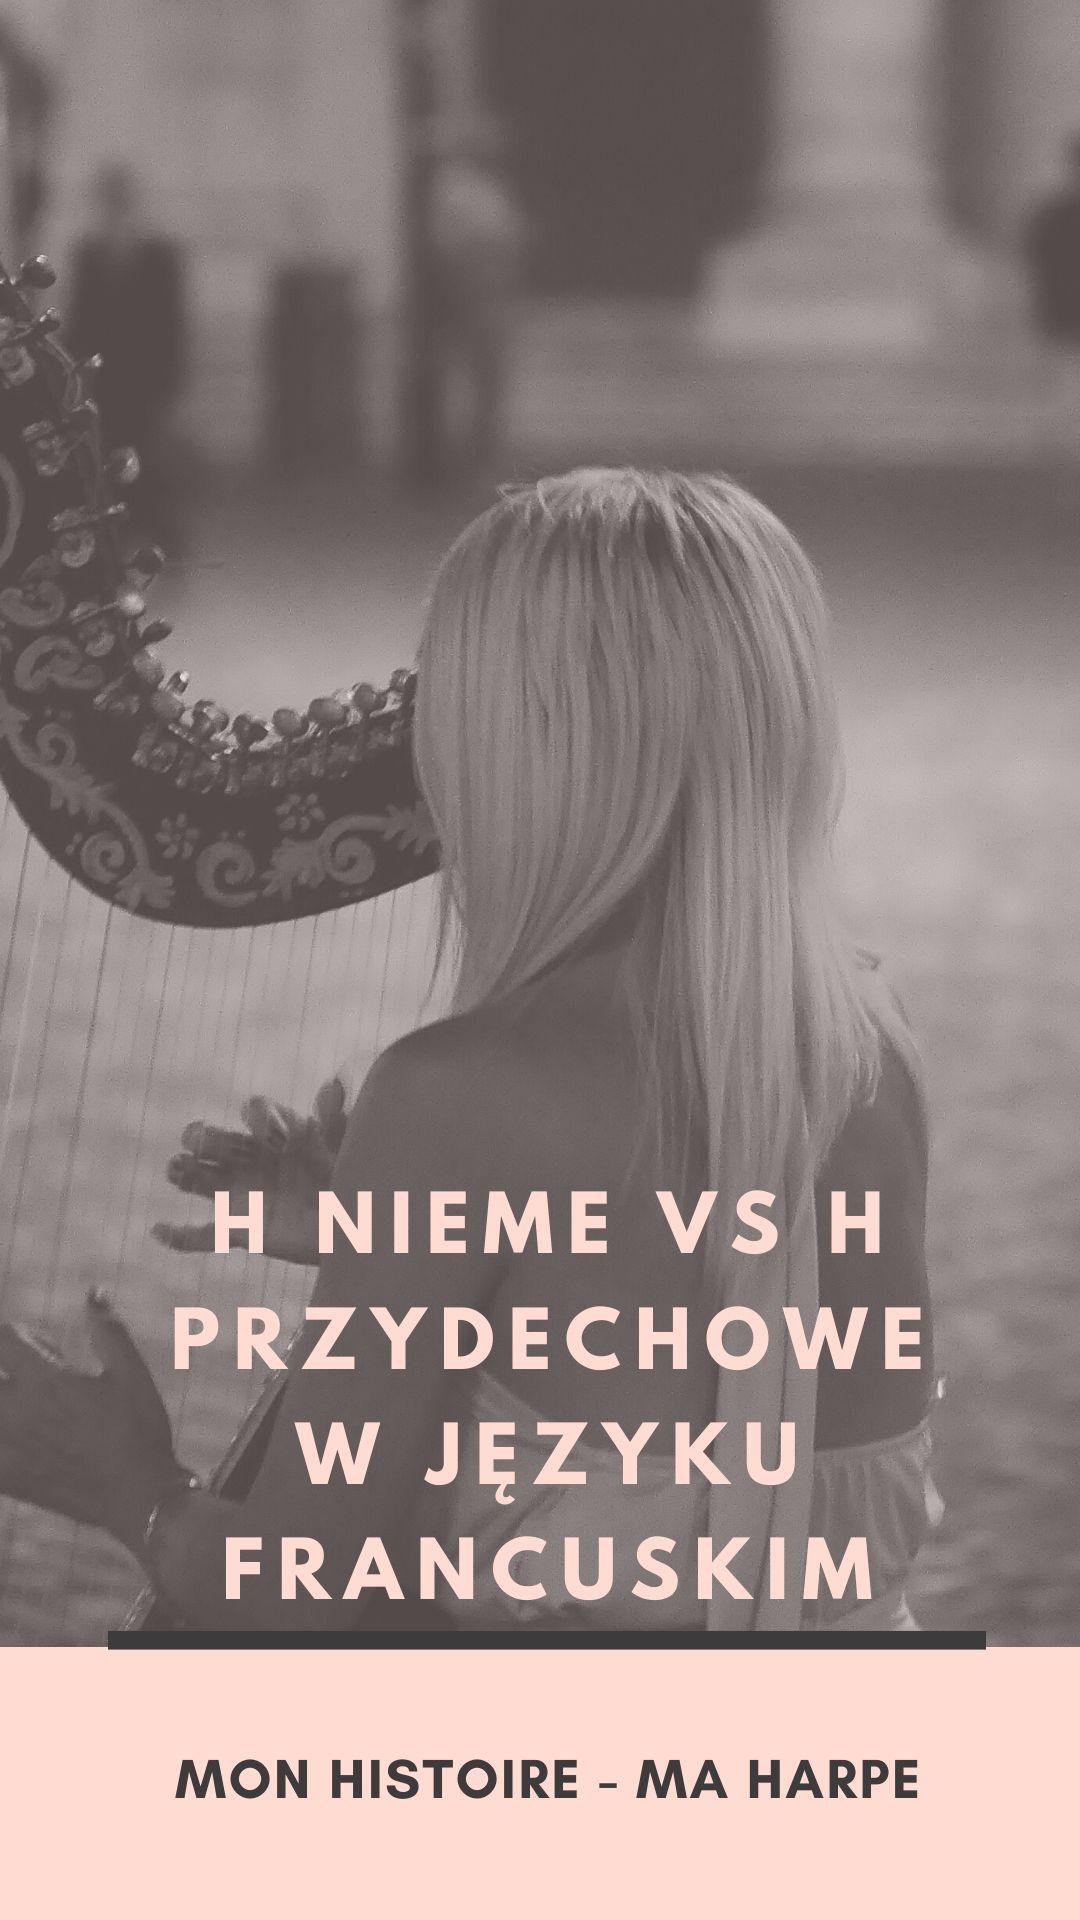 lekcje francuskiego (22) H nieme i h przydechowe w języku francuskim.